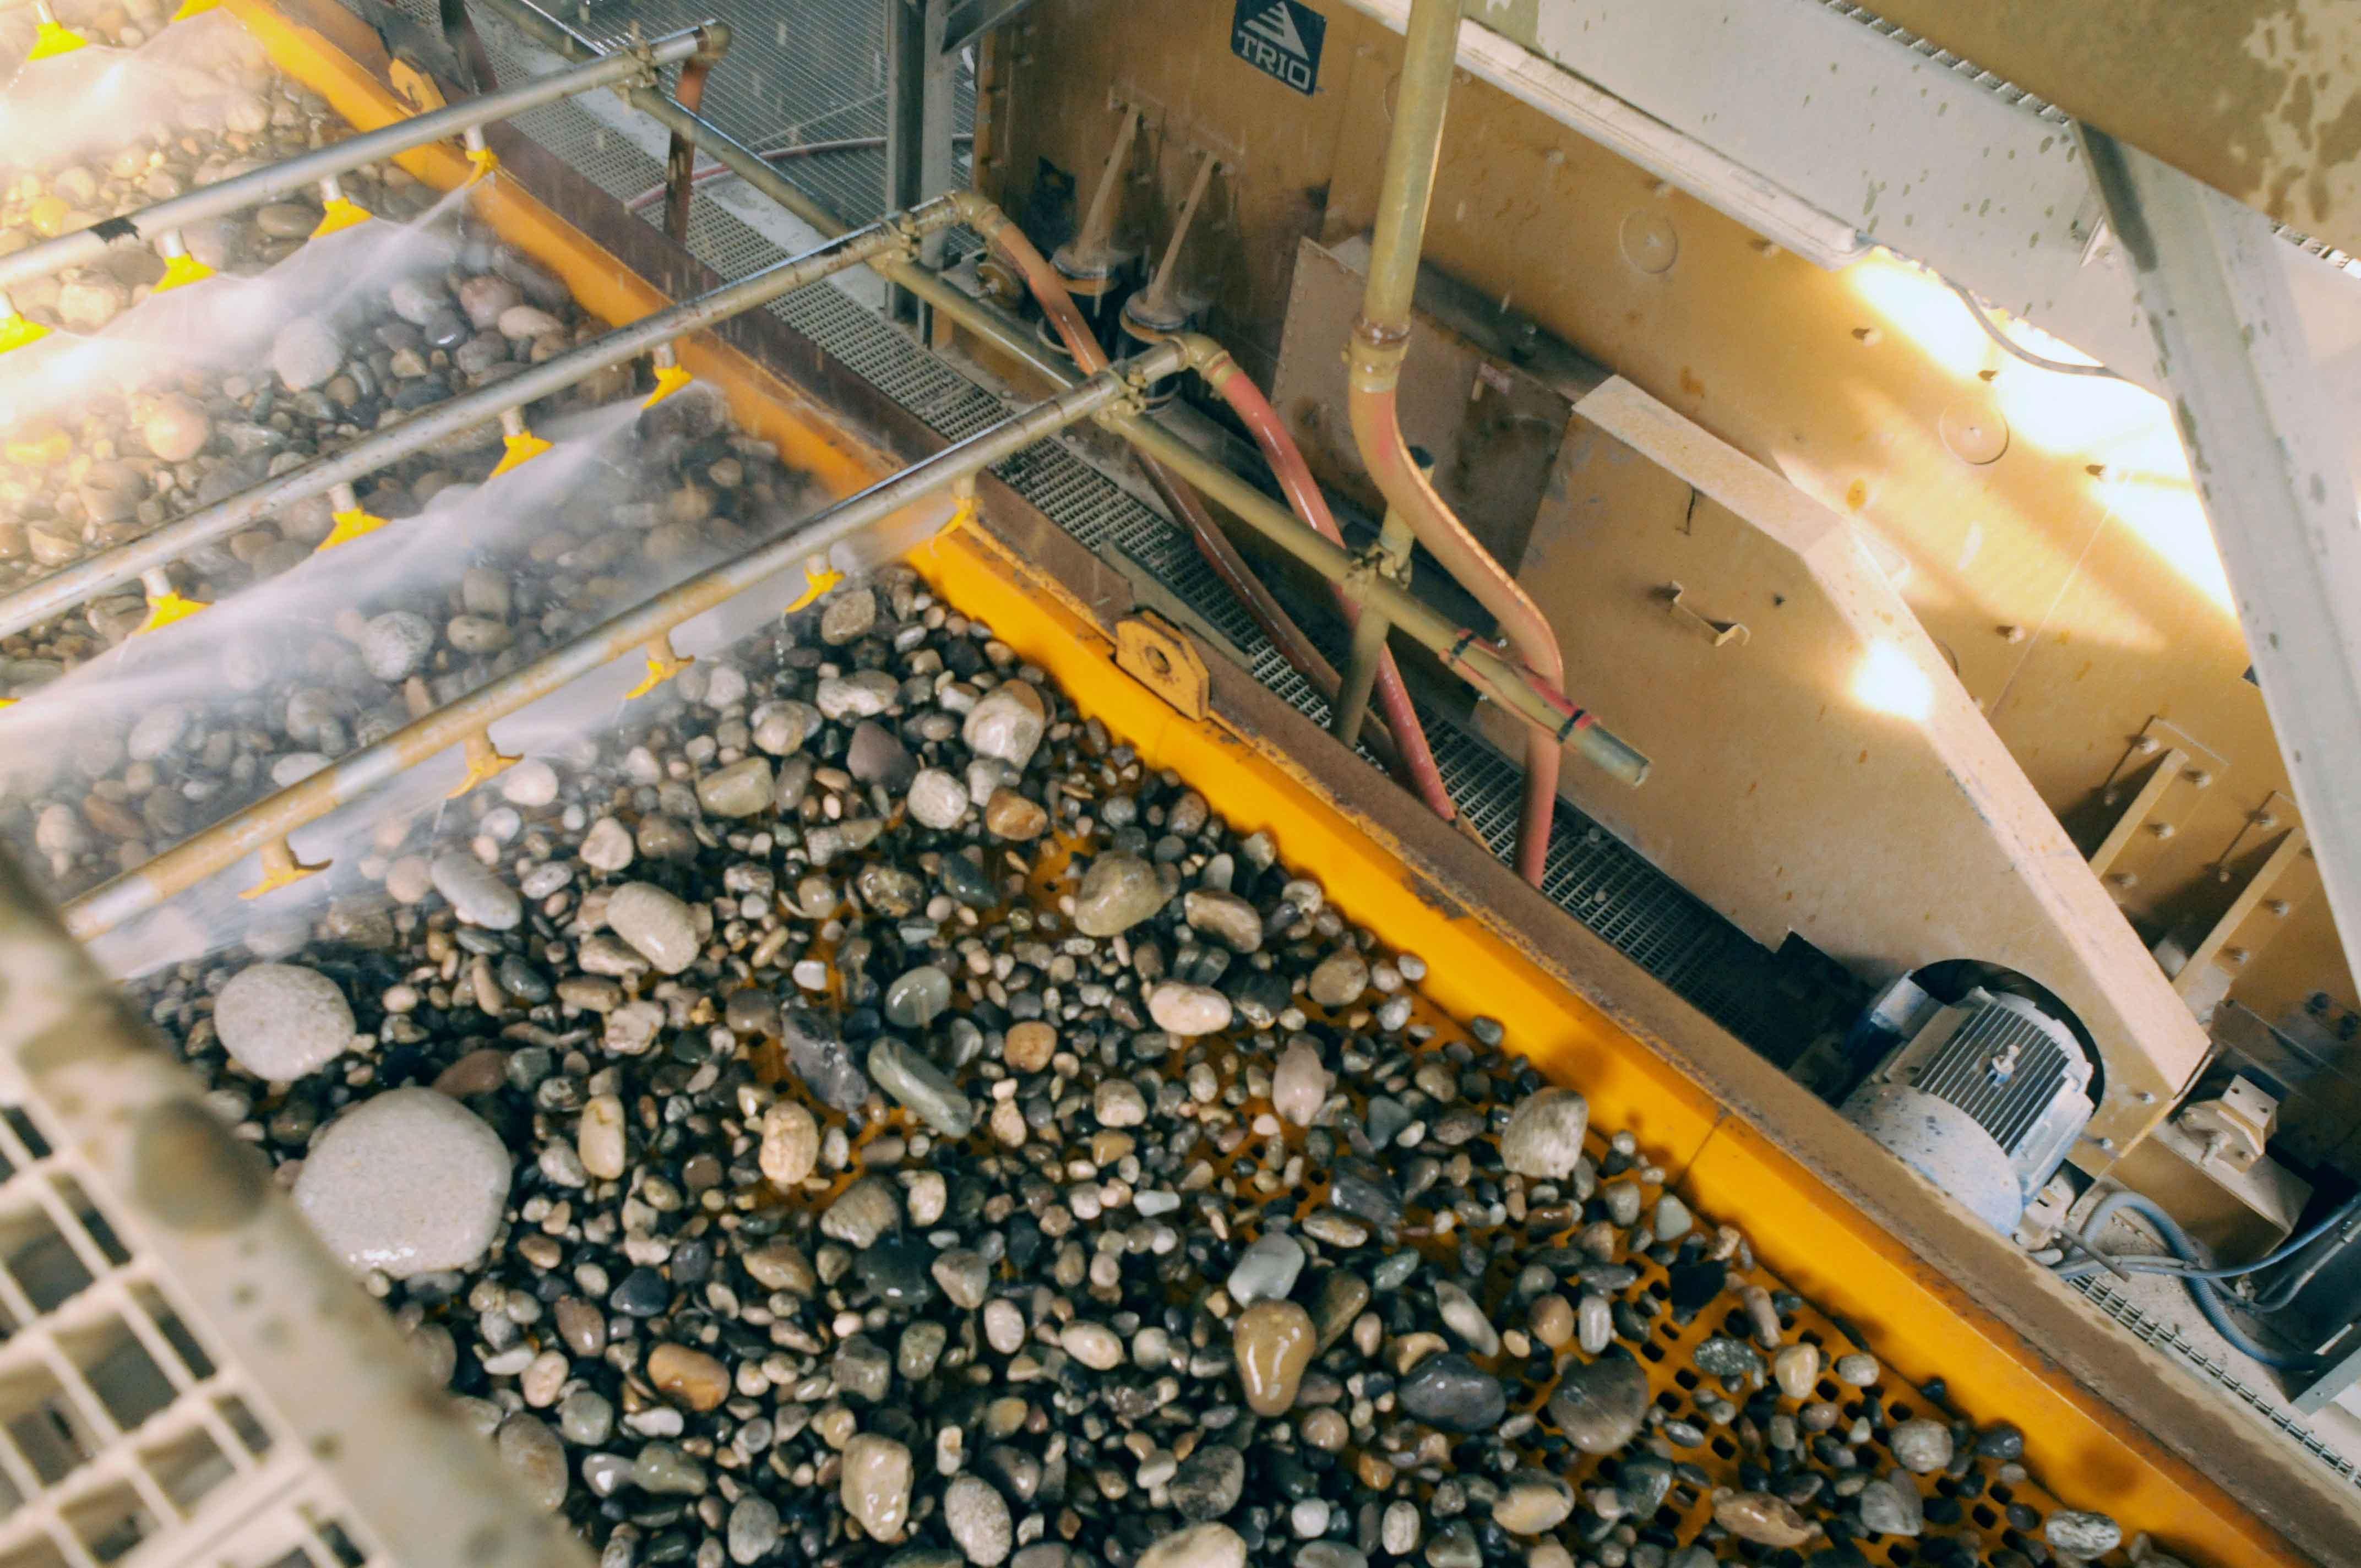 lavage des matériaux étape d'élaboration des granulats